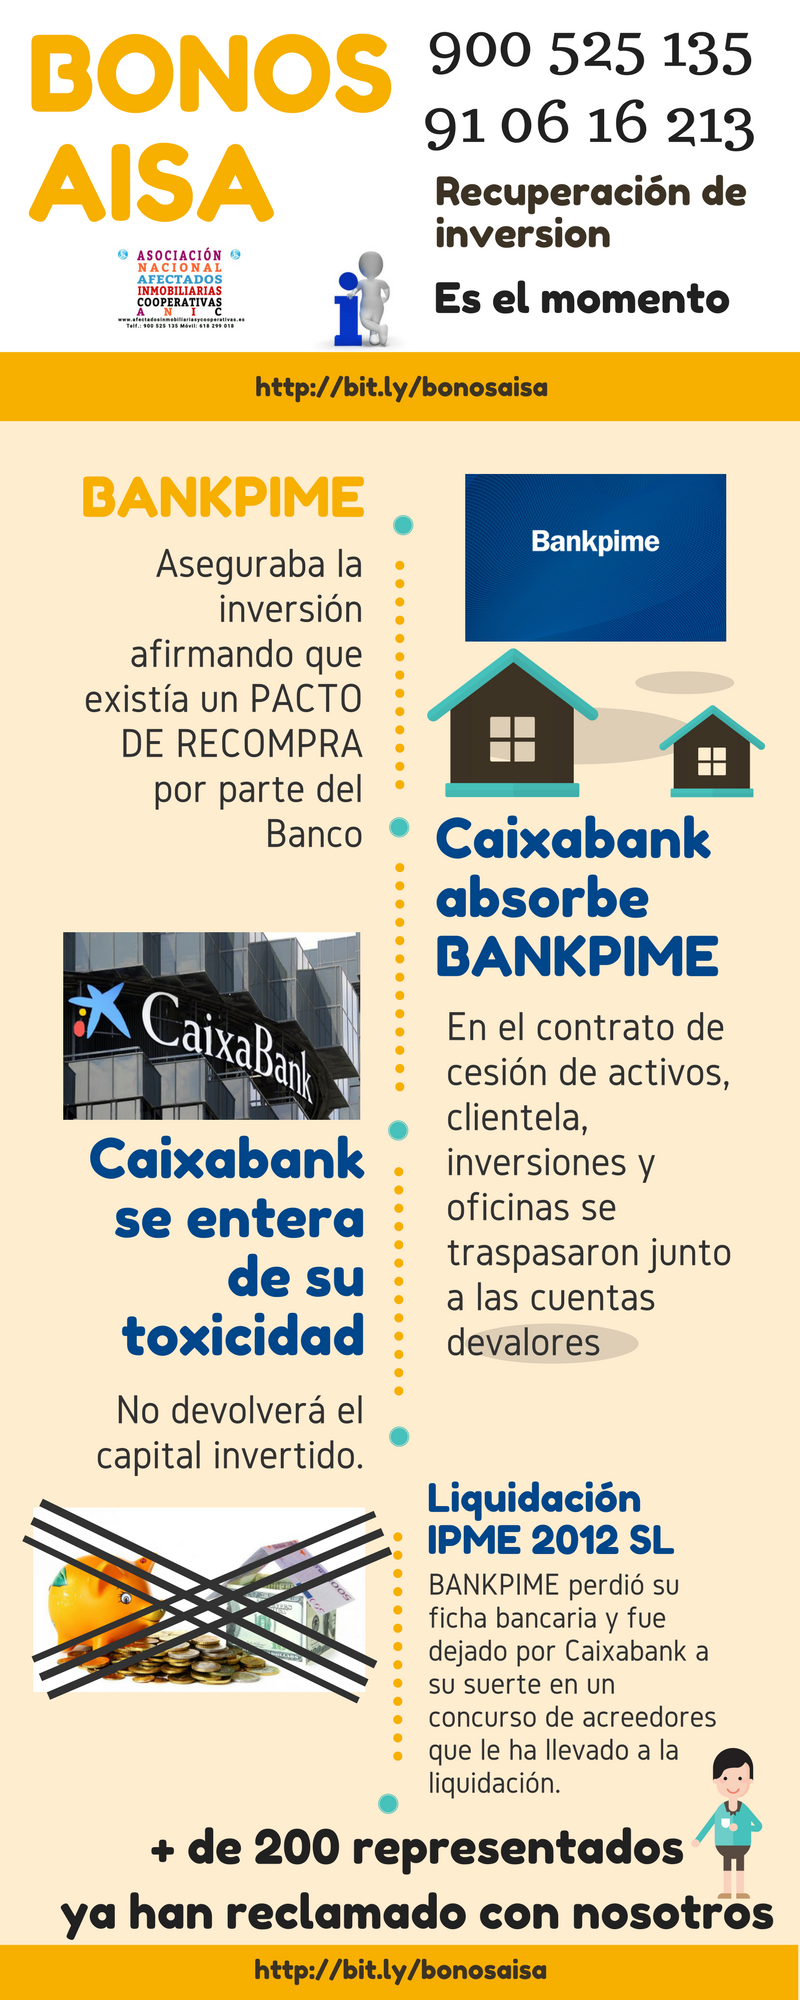 Bonos aisa reclamar asociaci n afectados anic for Oficinas caixabank madrid